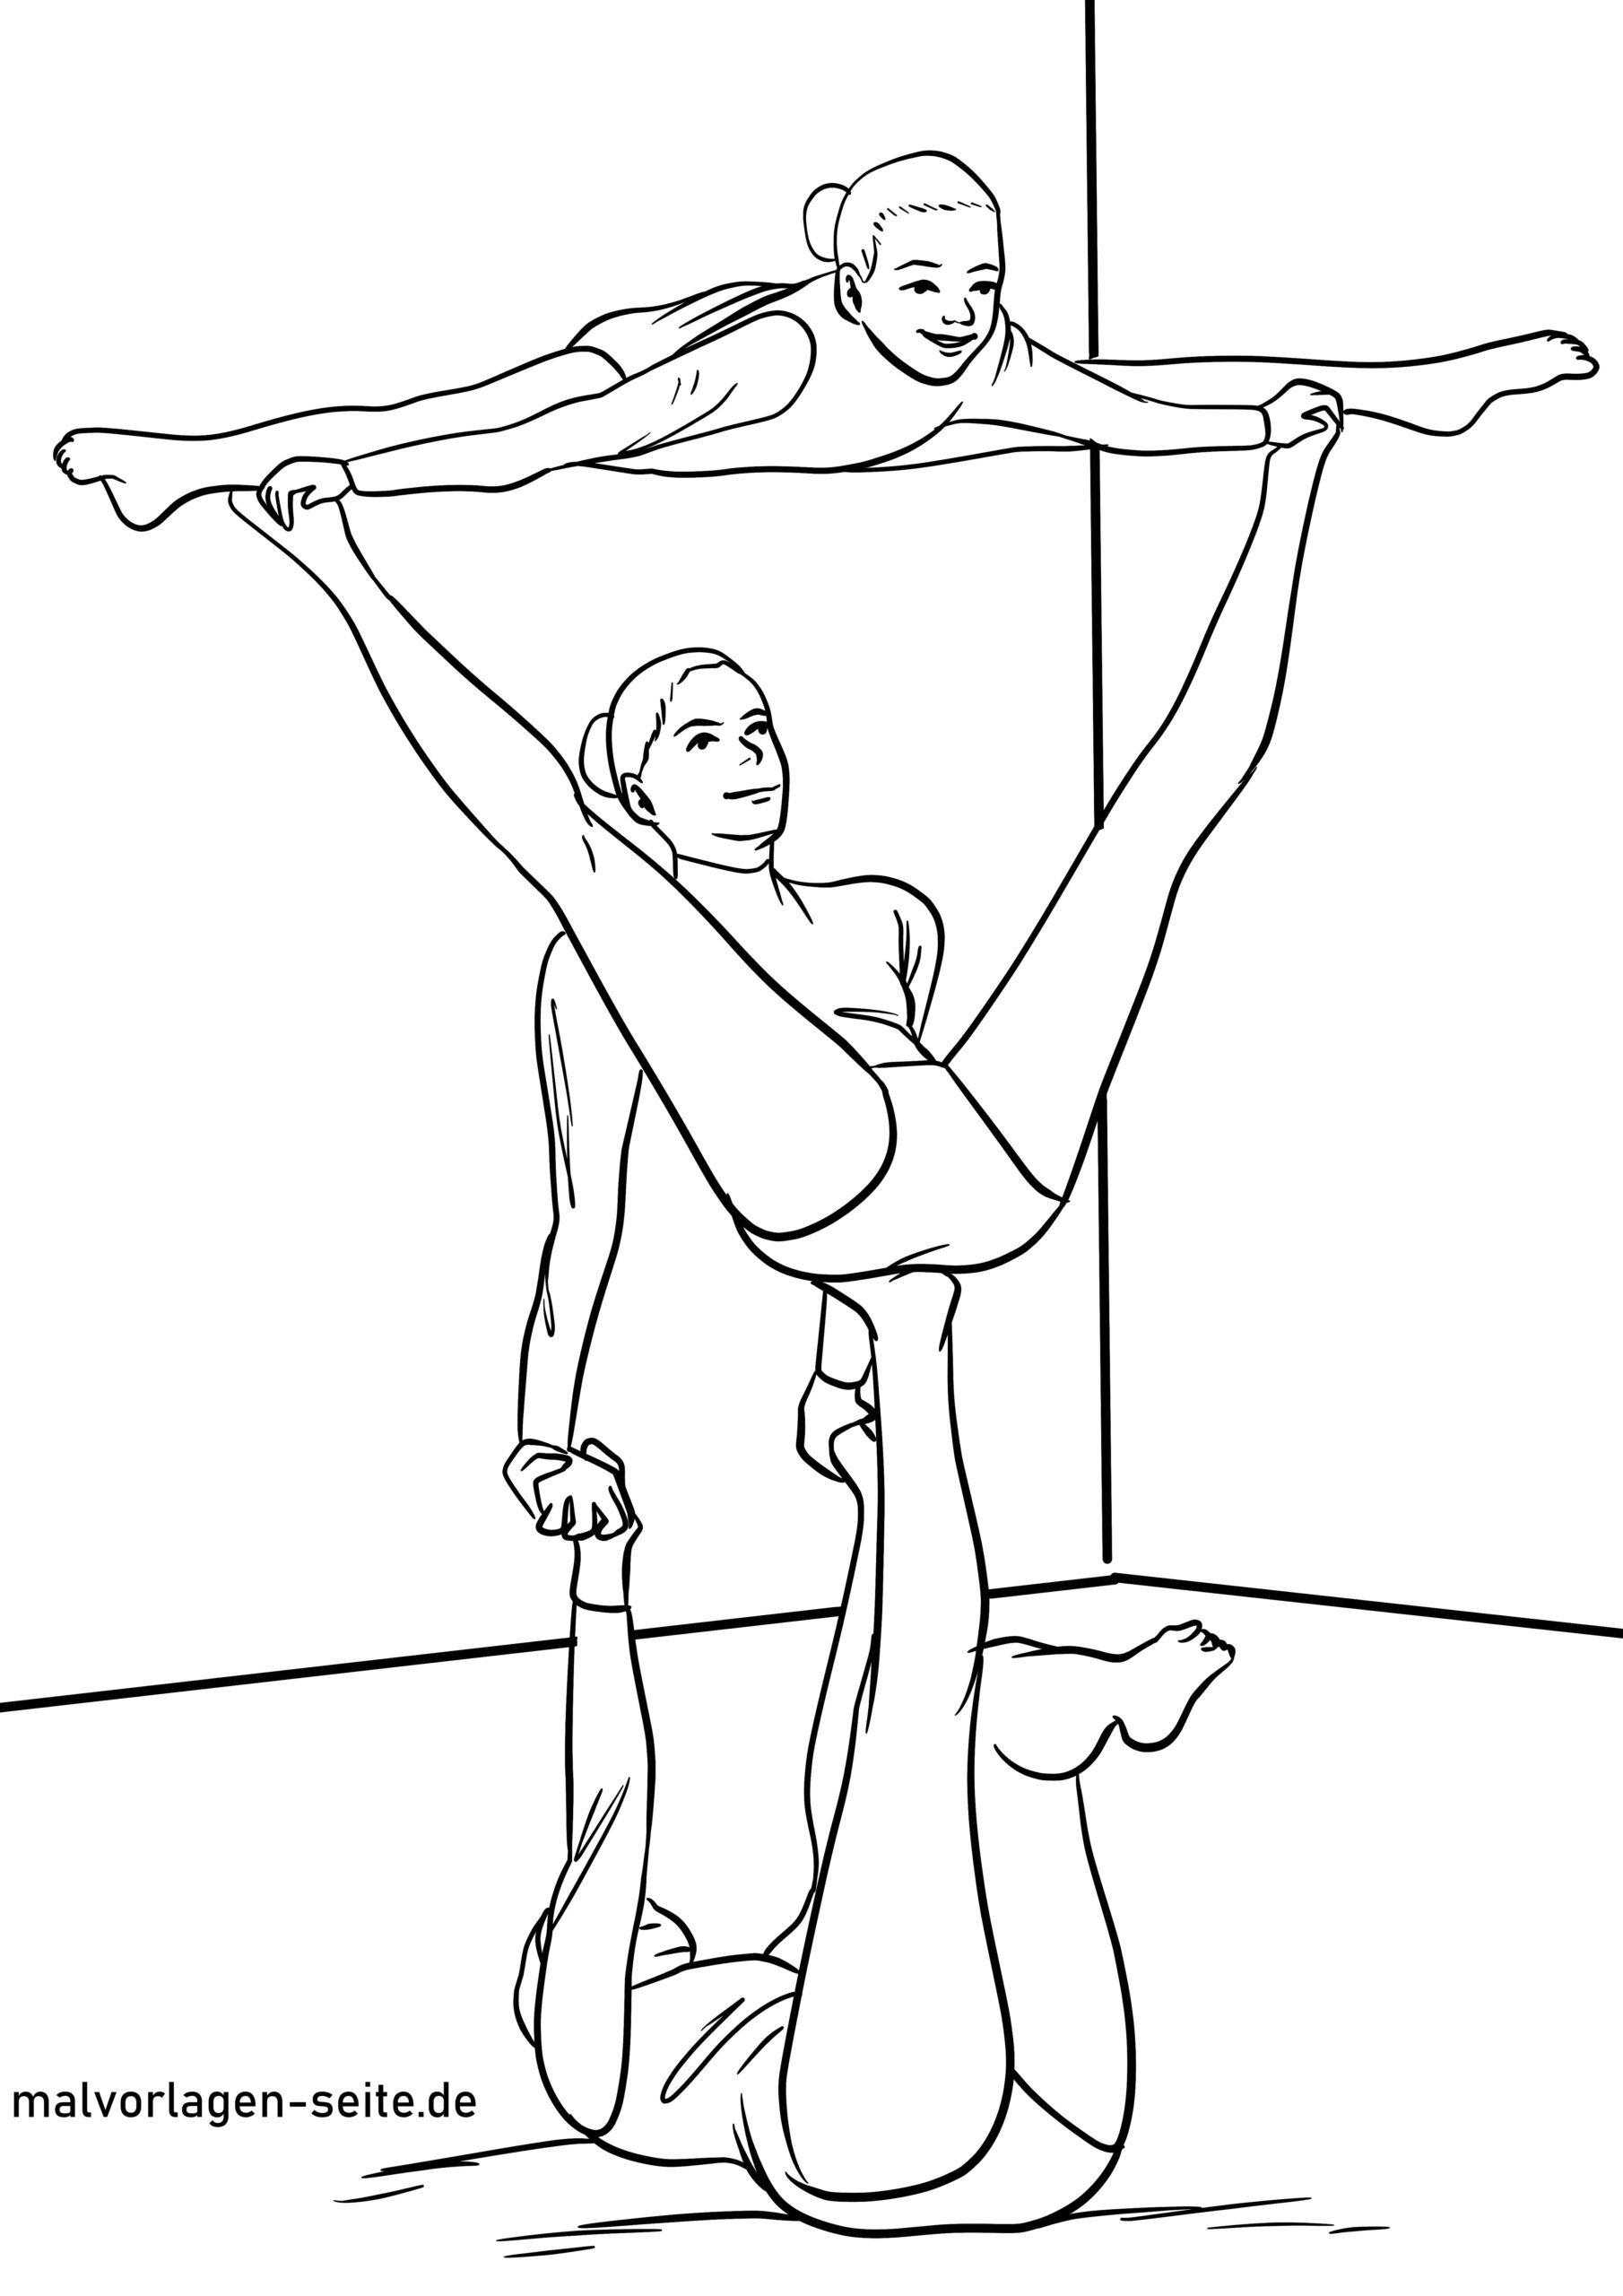 Malvorlage Sportakrobatik